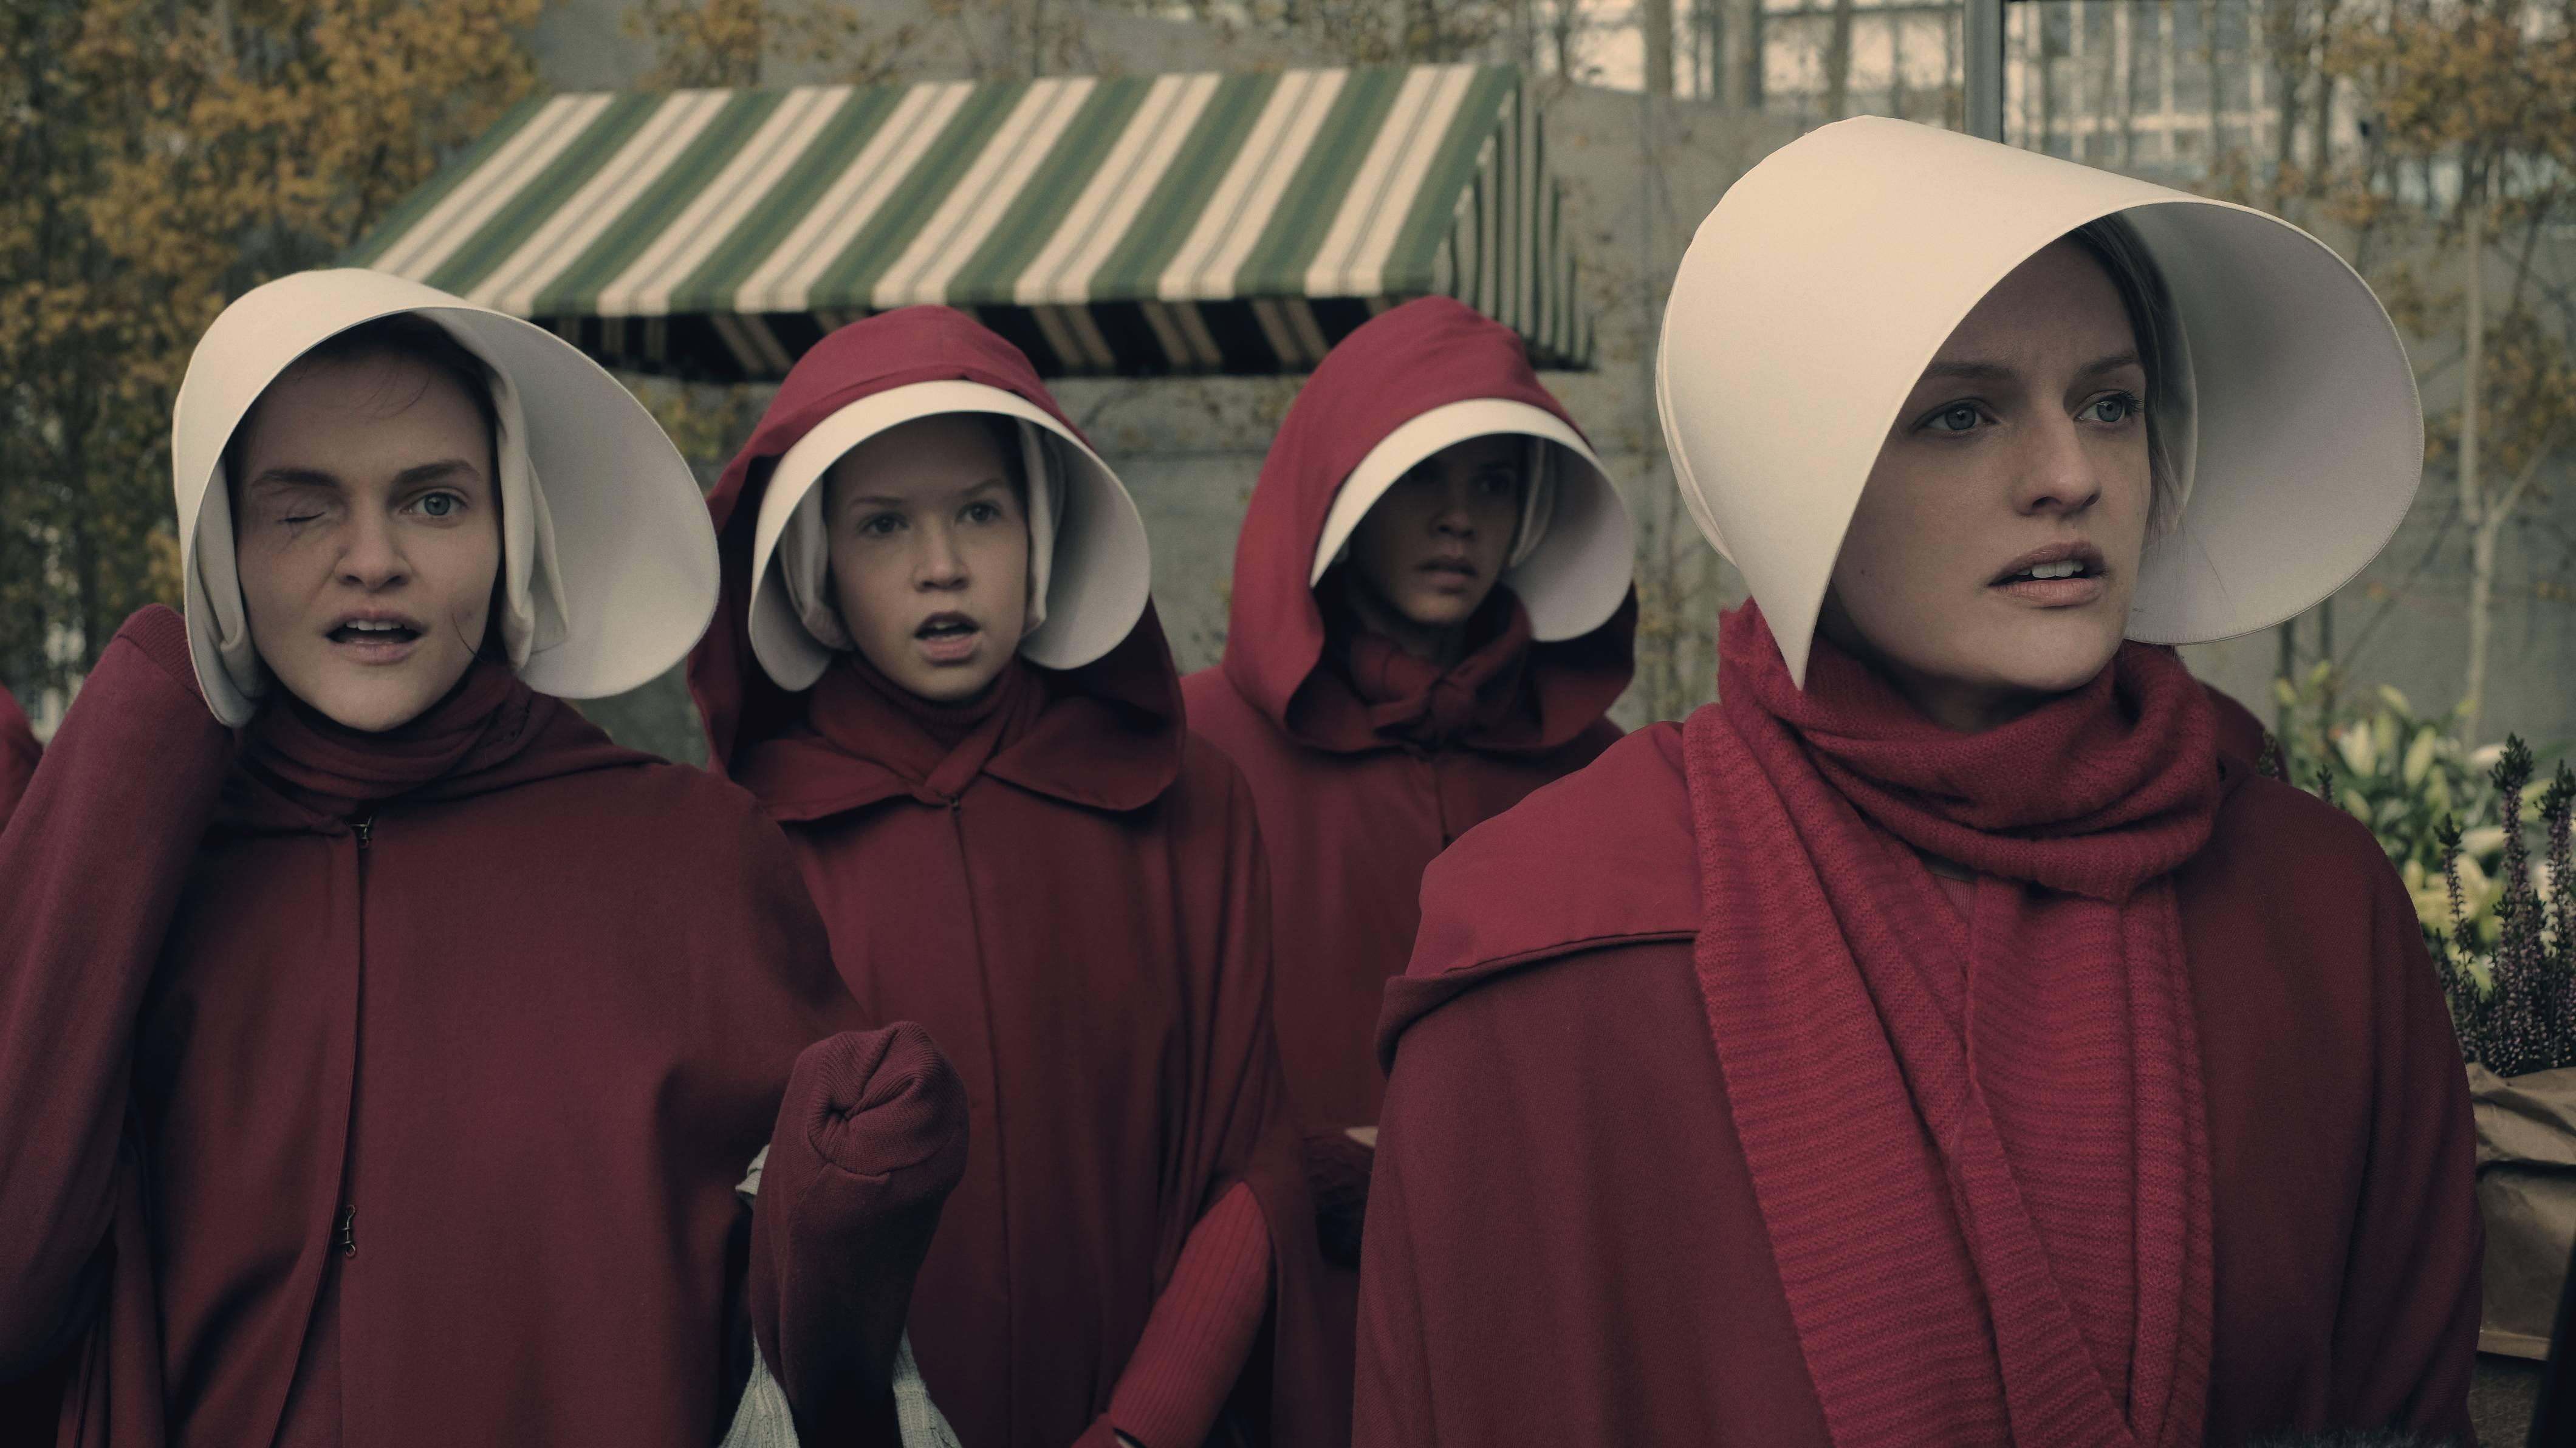 En İyi Dizi Emmy Ödülü'nü kazanan 'Handmaid's Tale' hakkında bilinmesi gerekenler